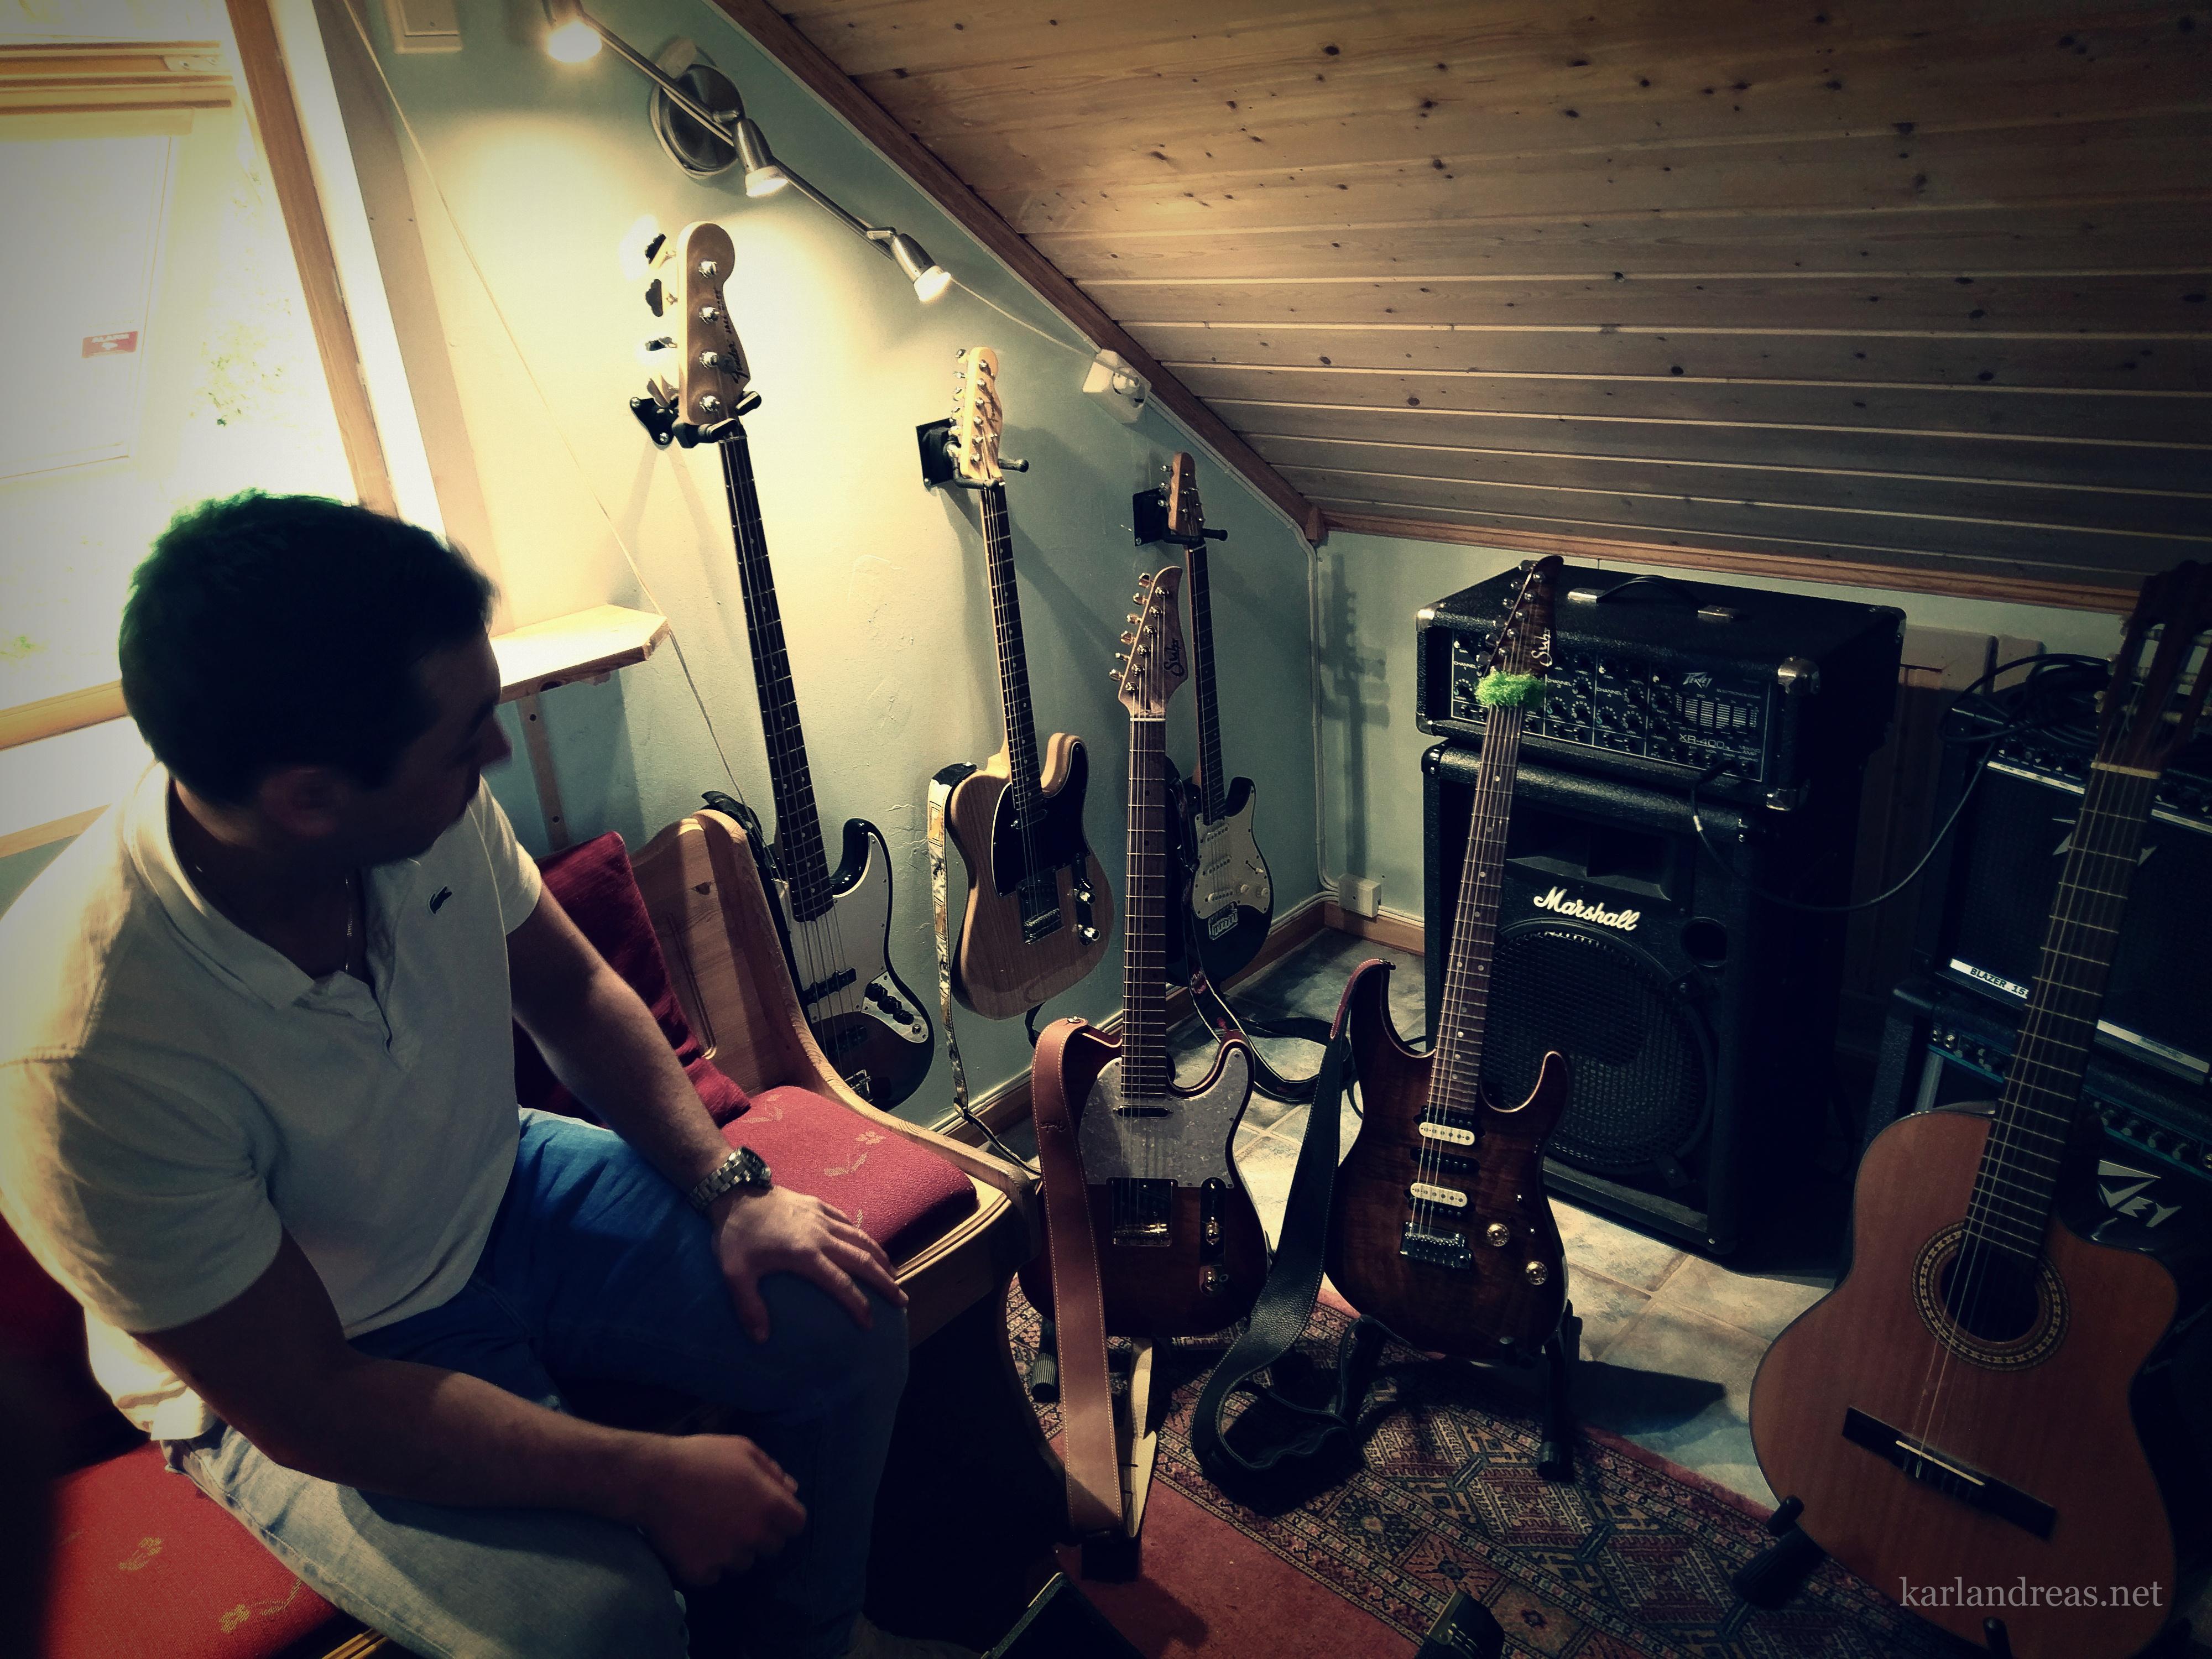 Chris med medbrakte gitarer i studio